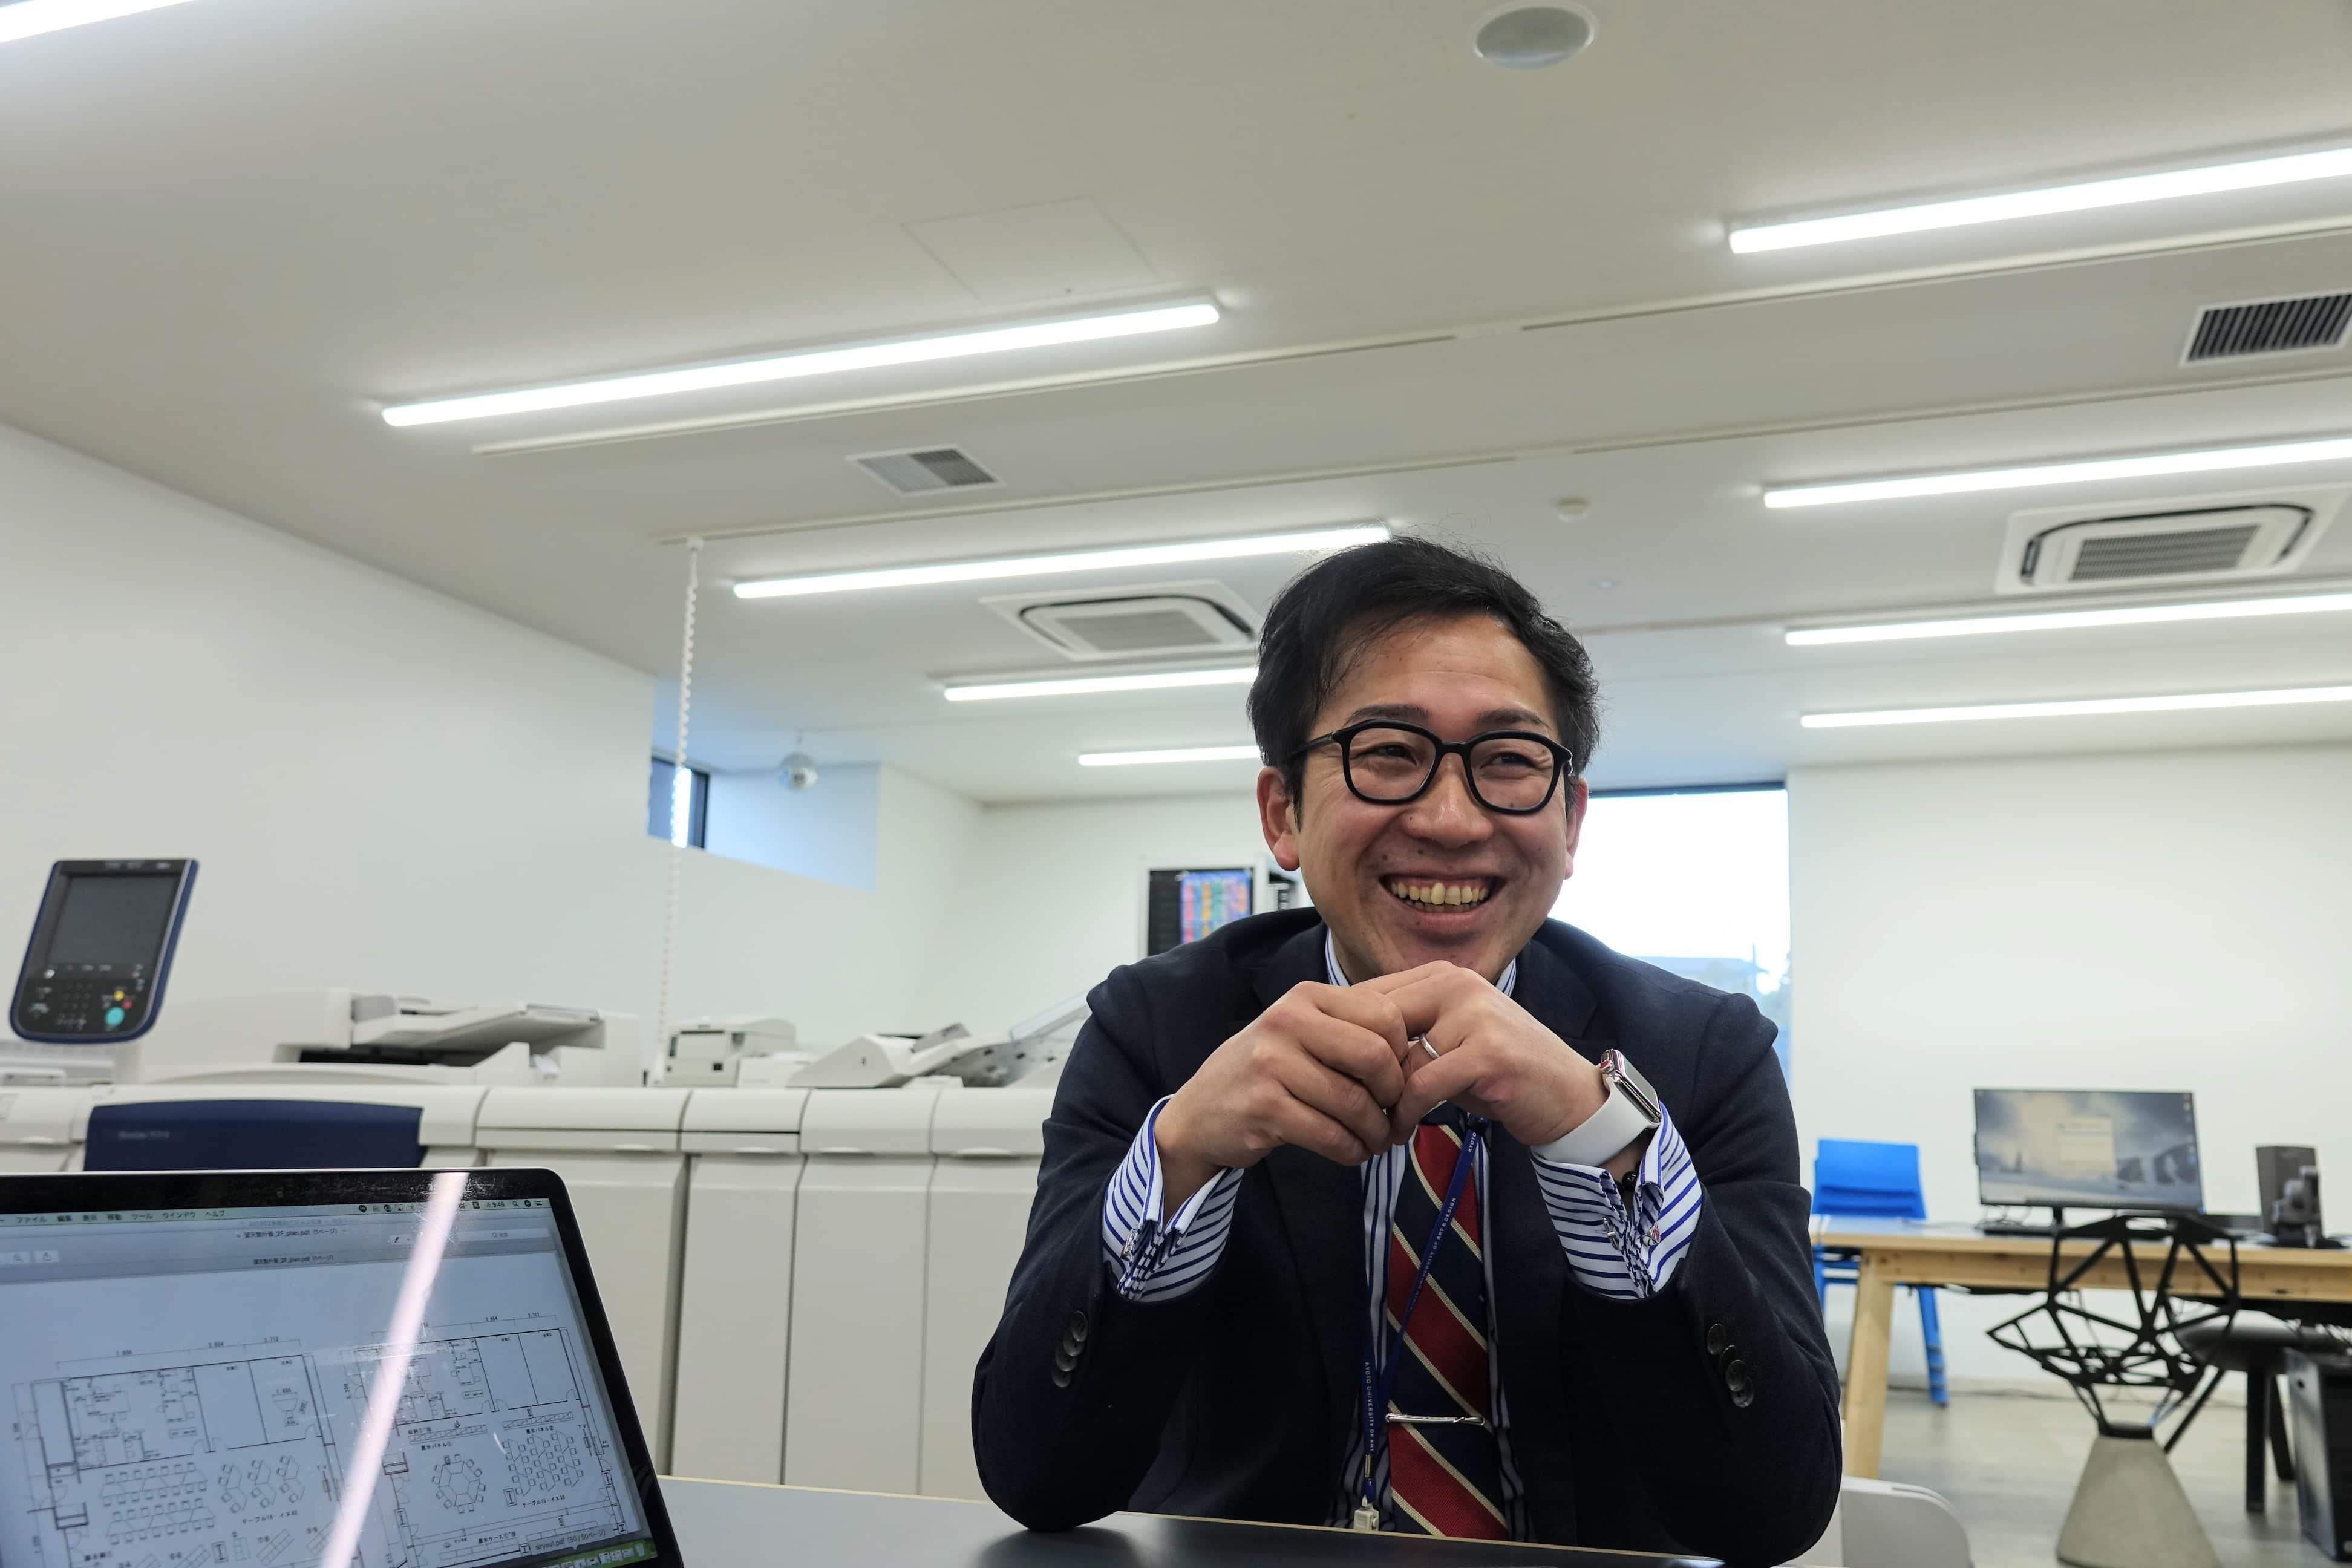 芸術大学が提唱する文系理系の枠組みを超えるアート系人材育成とは ー京都造形芸術大学 事務局長 吉田大作氏インタビュー